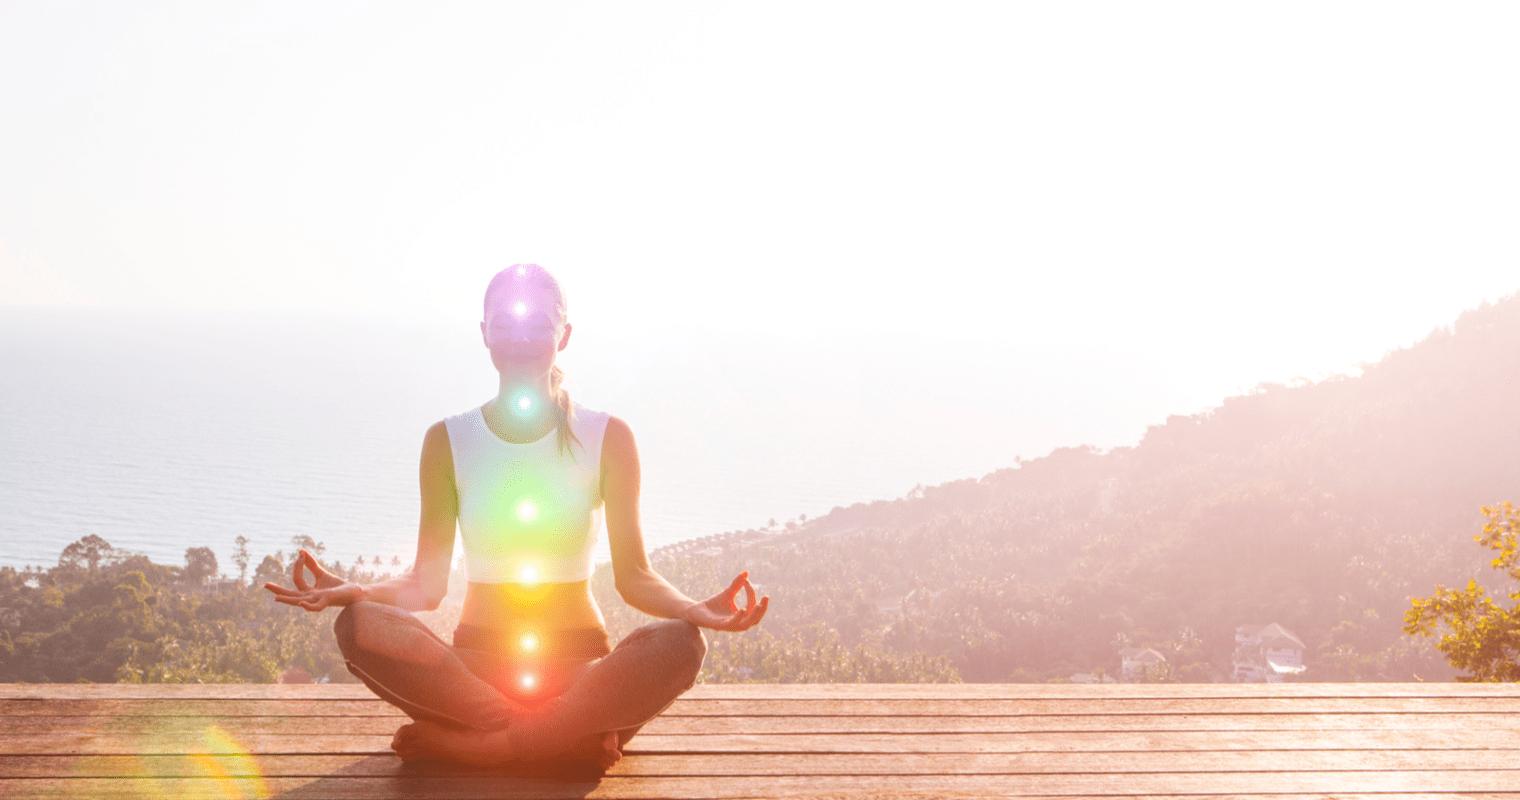 медитация может изменить мозг